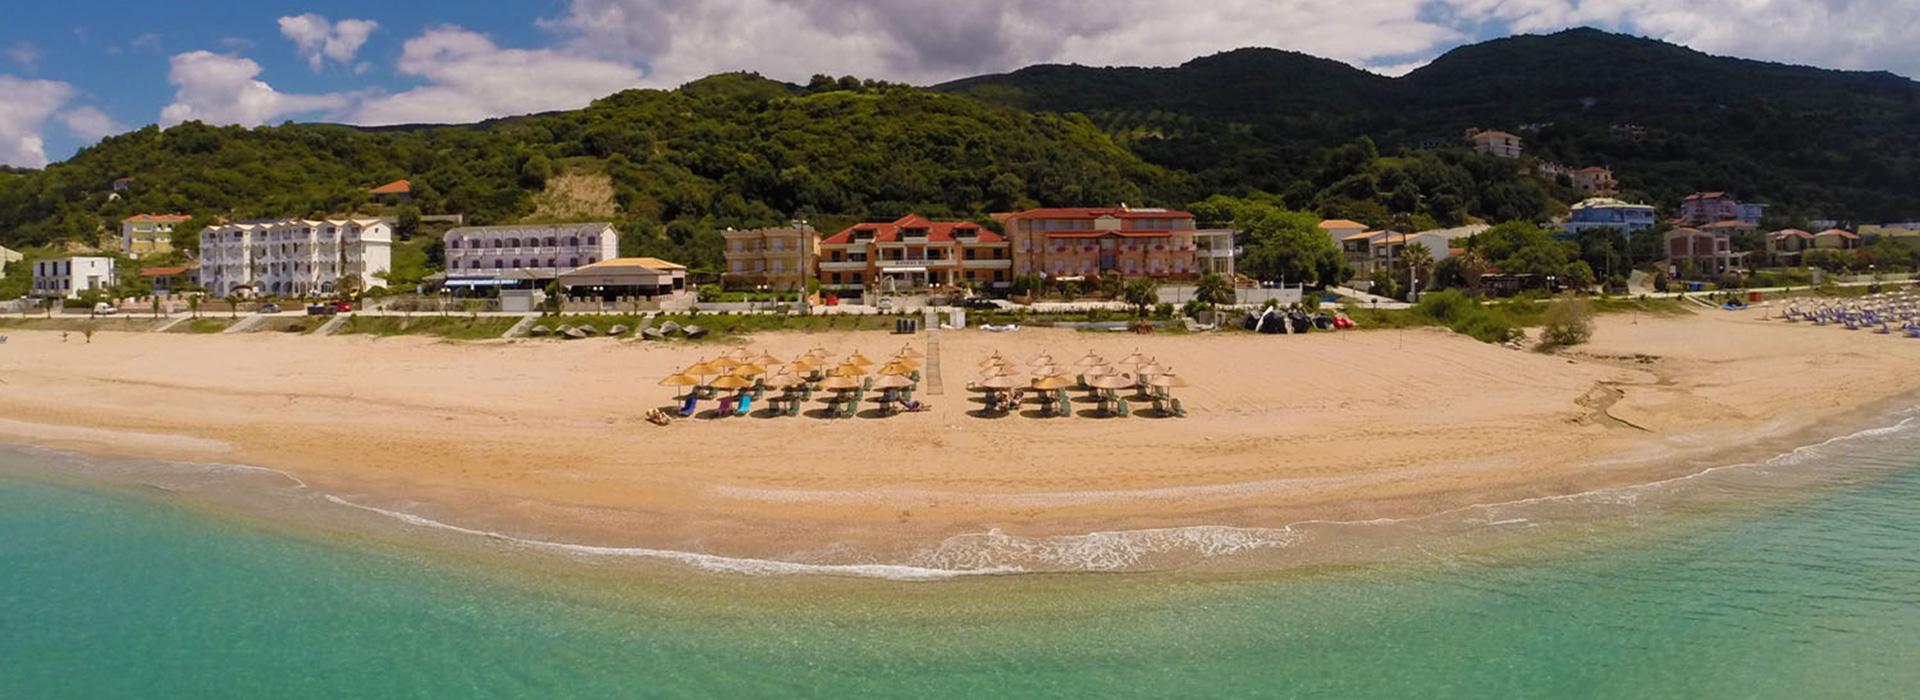 Vrachos Beach Preveza